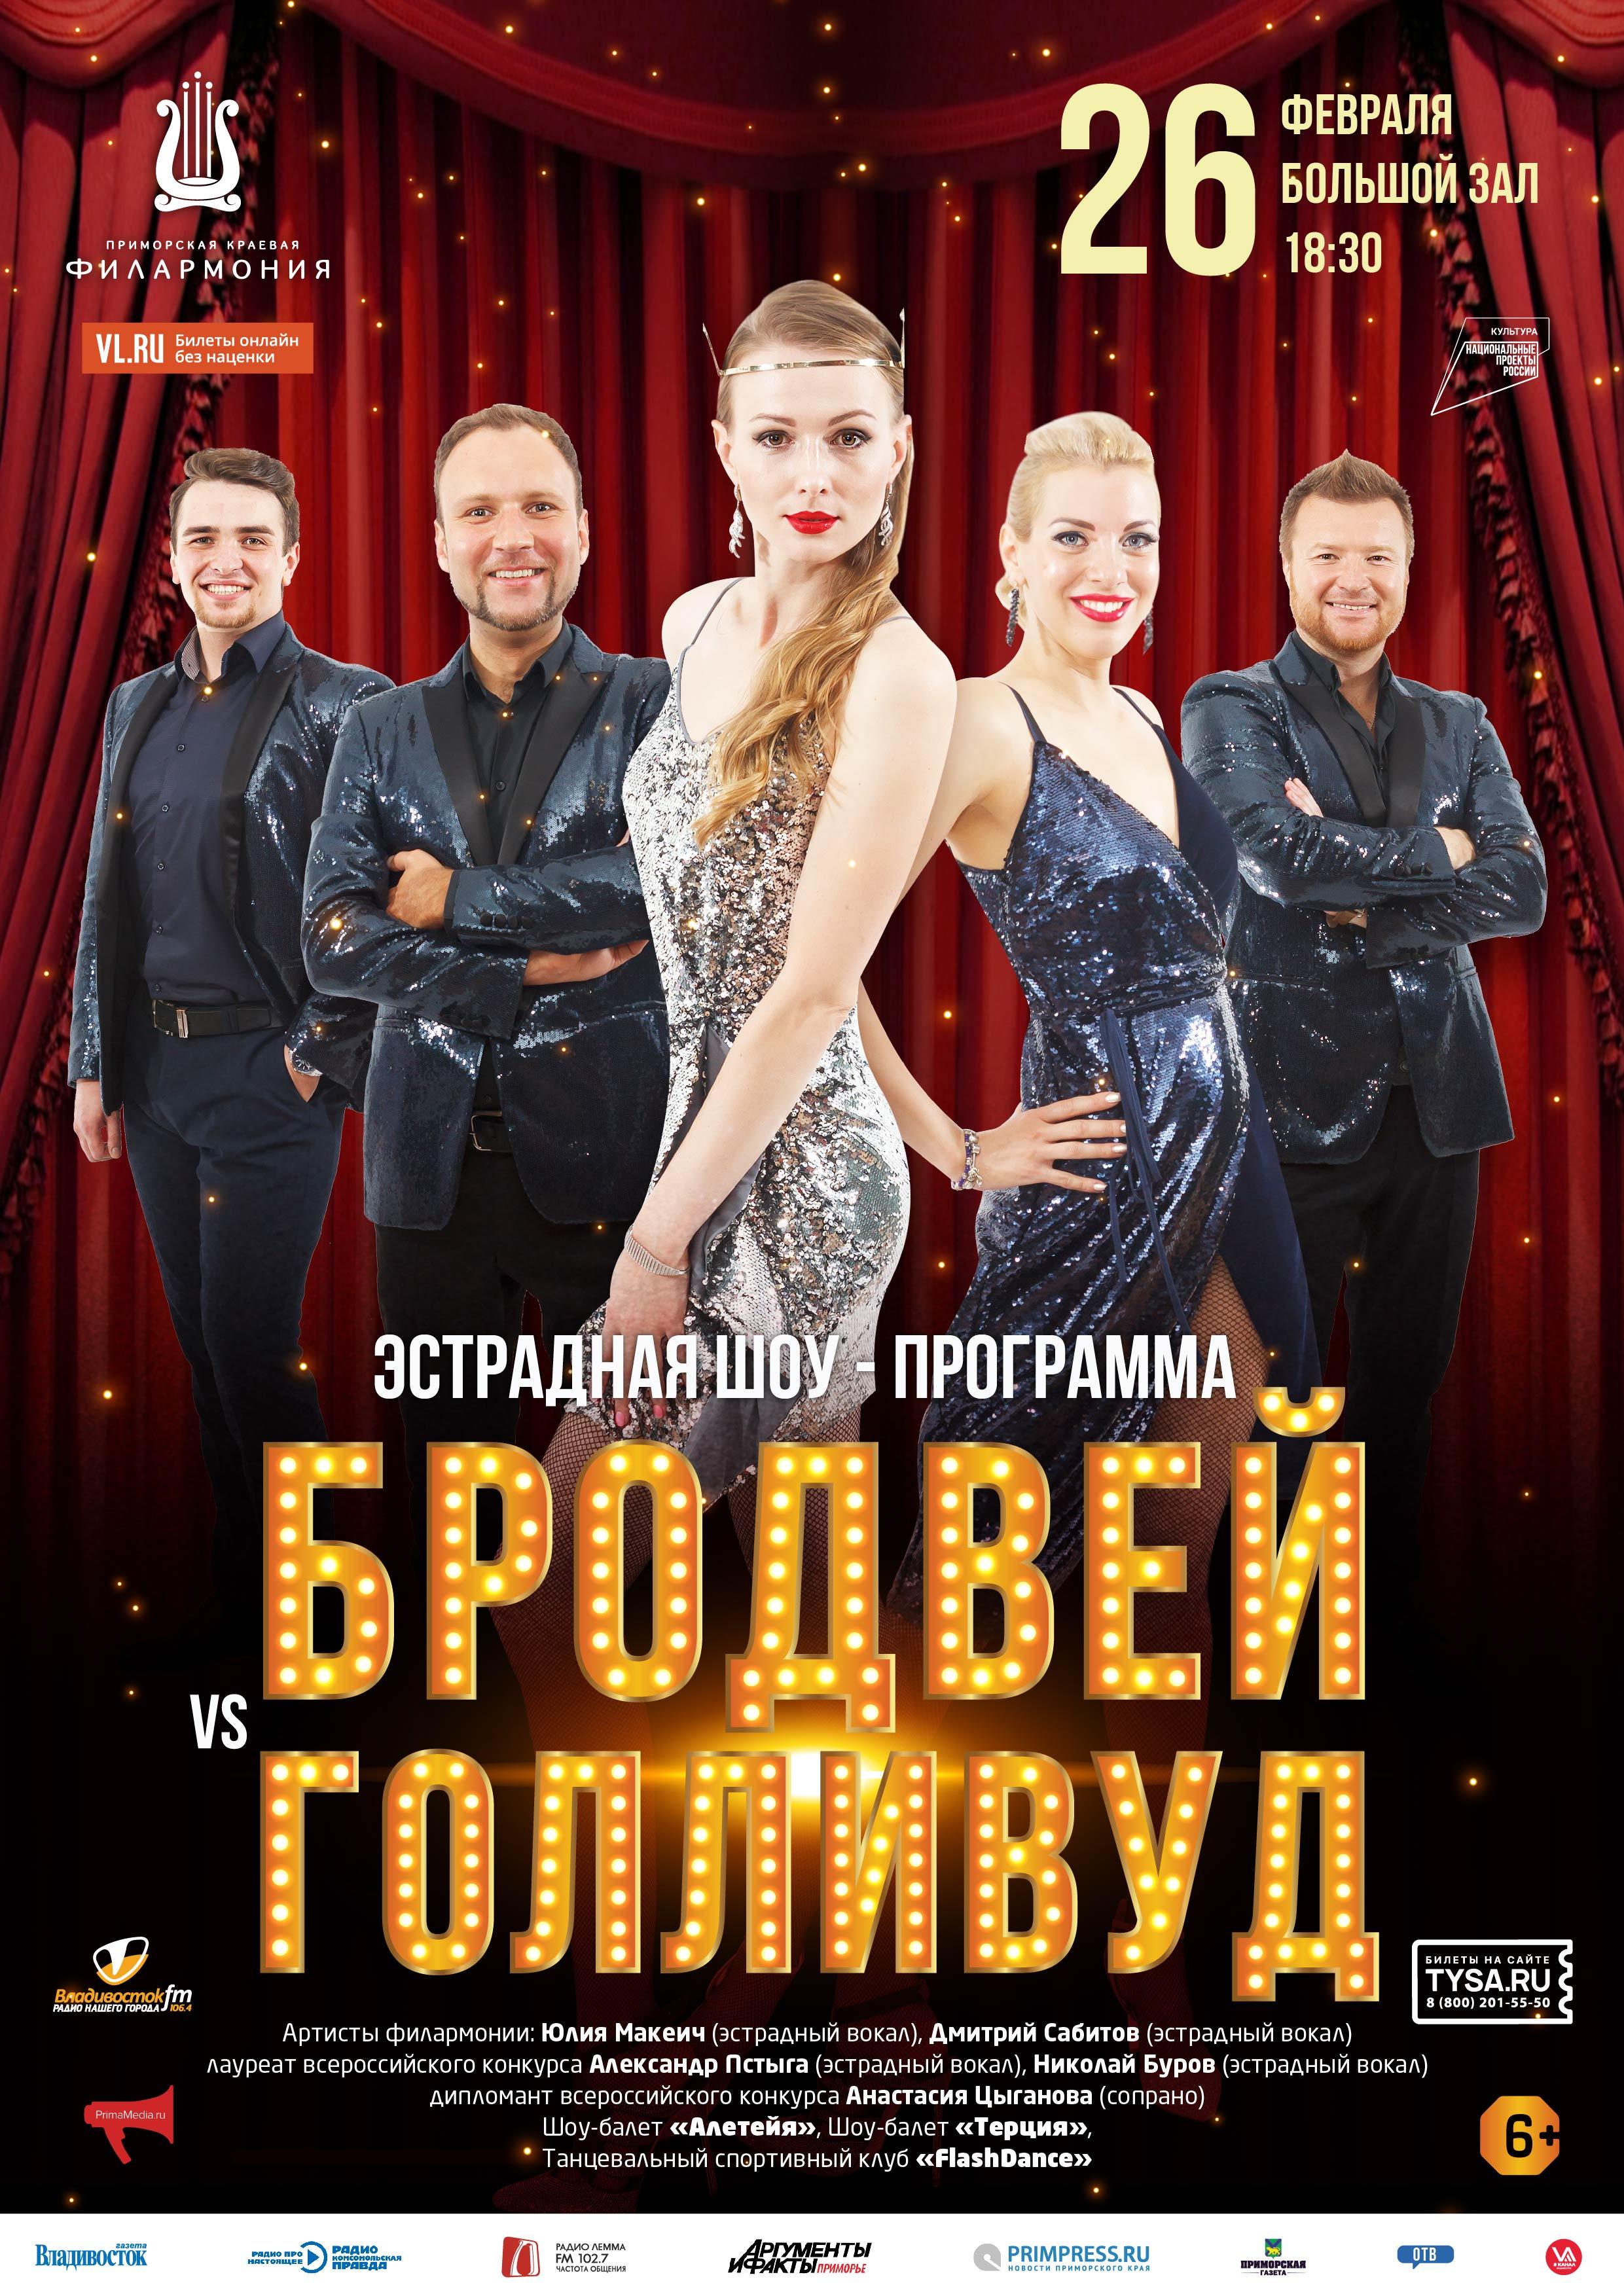 26 февраля Эстрадная шоу - программа «Бродвей VS Голливуд»